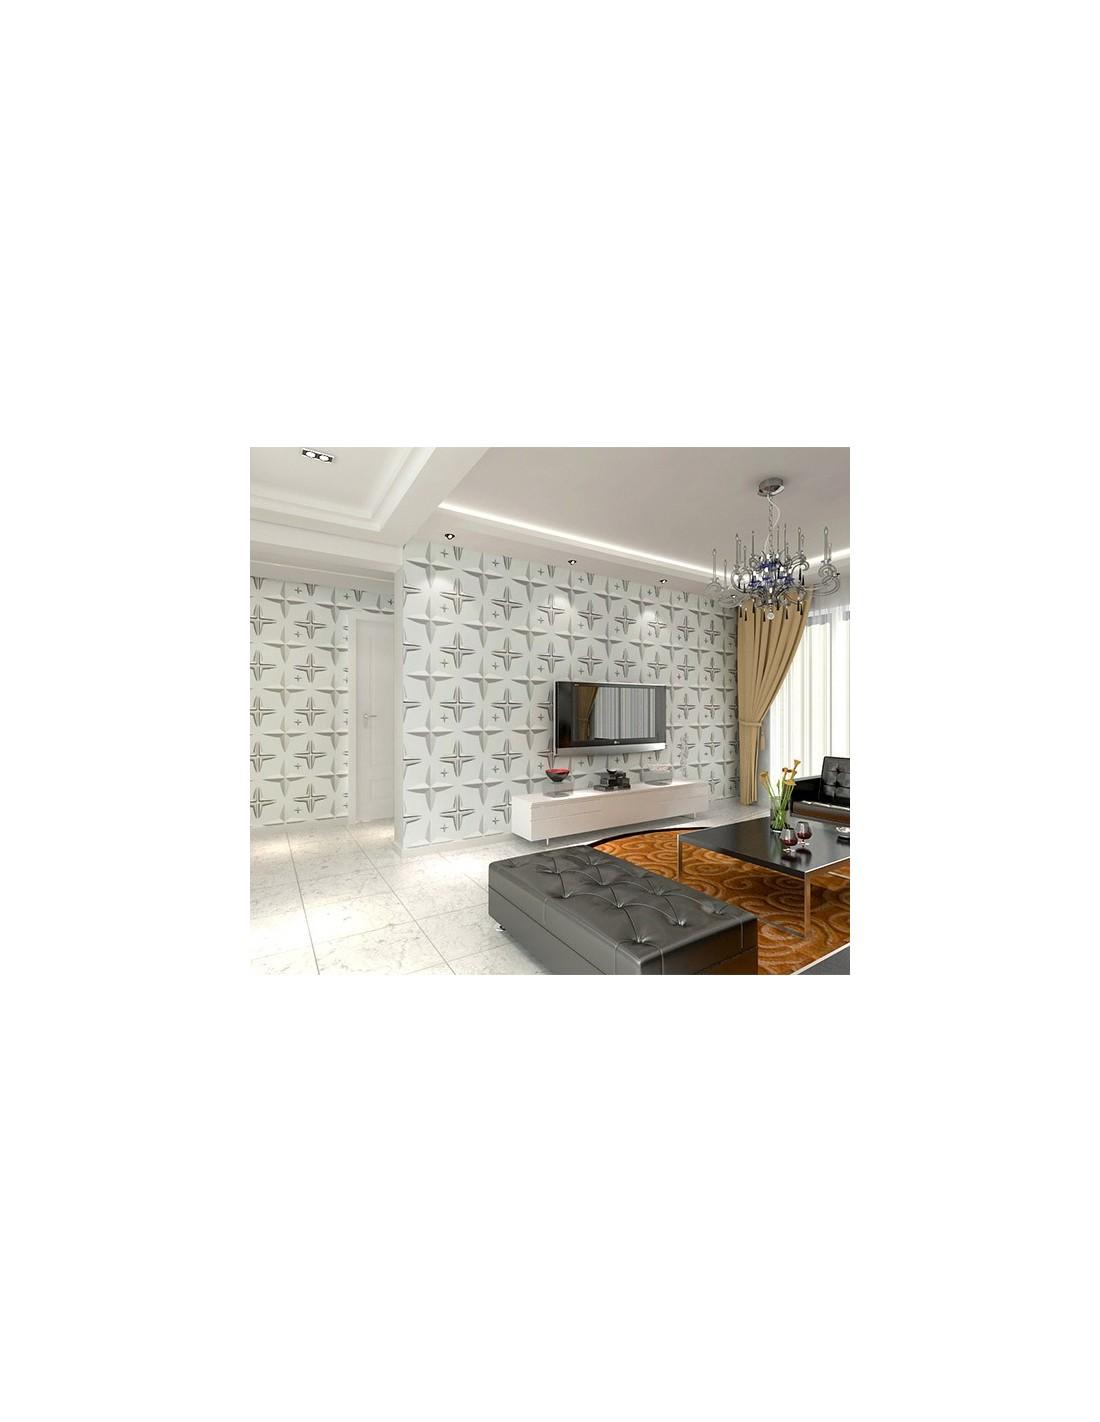 Decorazioni per soffitti cucina applicazioni du arte - Decorazioni pareti cucina ...